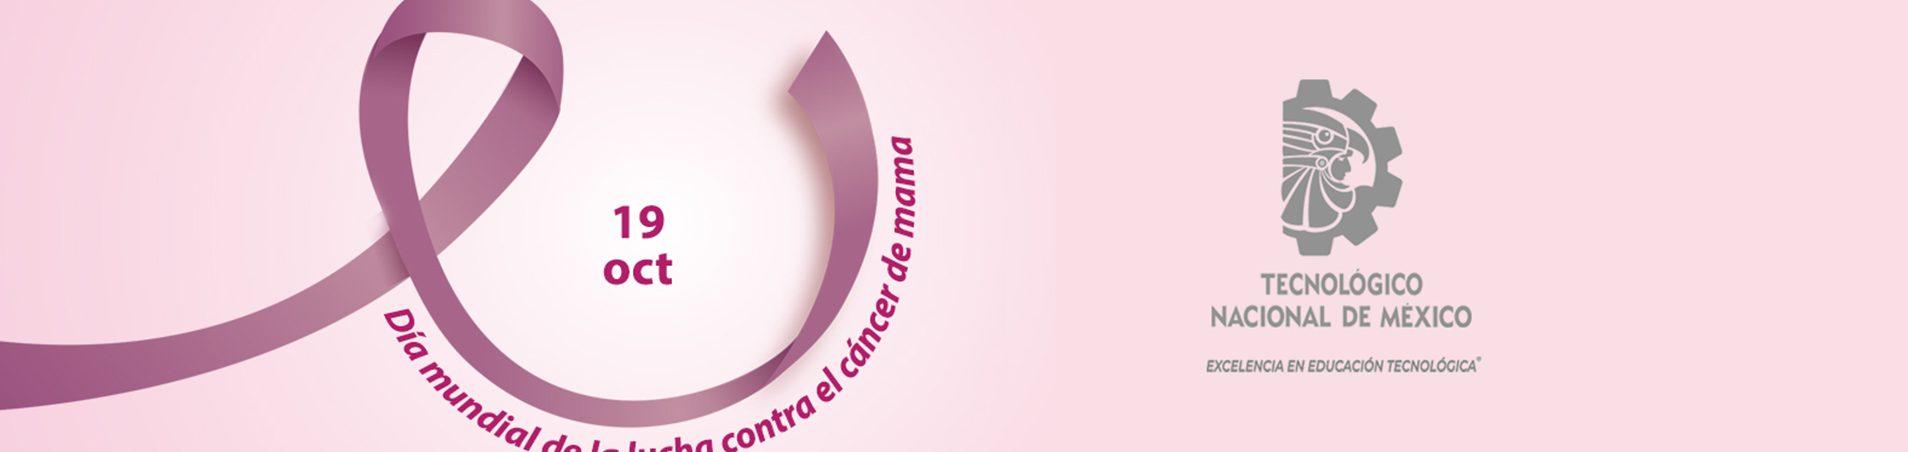 DÍA MUNDIAL DE LA LUCHA CONTRA EL CÁNCER DE MAMA El 19 de octubre se conmemora el Día Mundial de la Lucha contra el Cáncer de Mama. Esta fecha pretende sensibilizar a la población con un mensaje clave: la importancia de la detección precoz, a fin de mejorar el pronóstico y la supervivencia de los casos de cáncer de mama. #TodosSomosTecNM